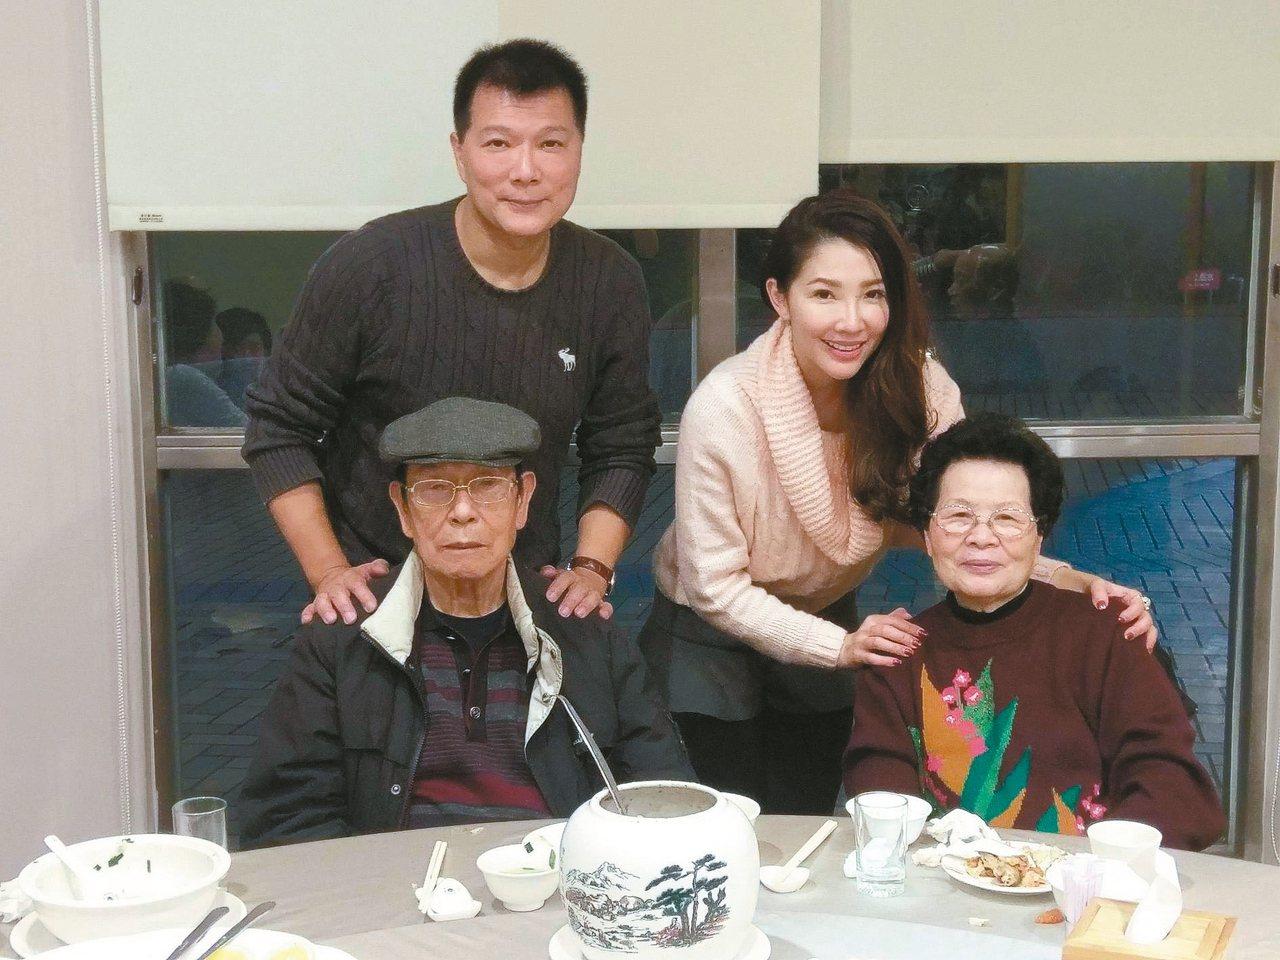 蔡詩萍夫婦與父母合影。 (圖╱蔡詩萍提供)